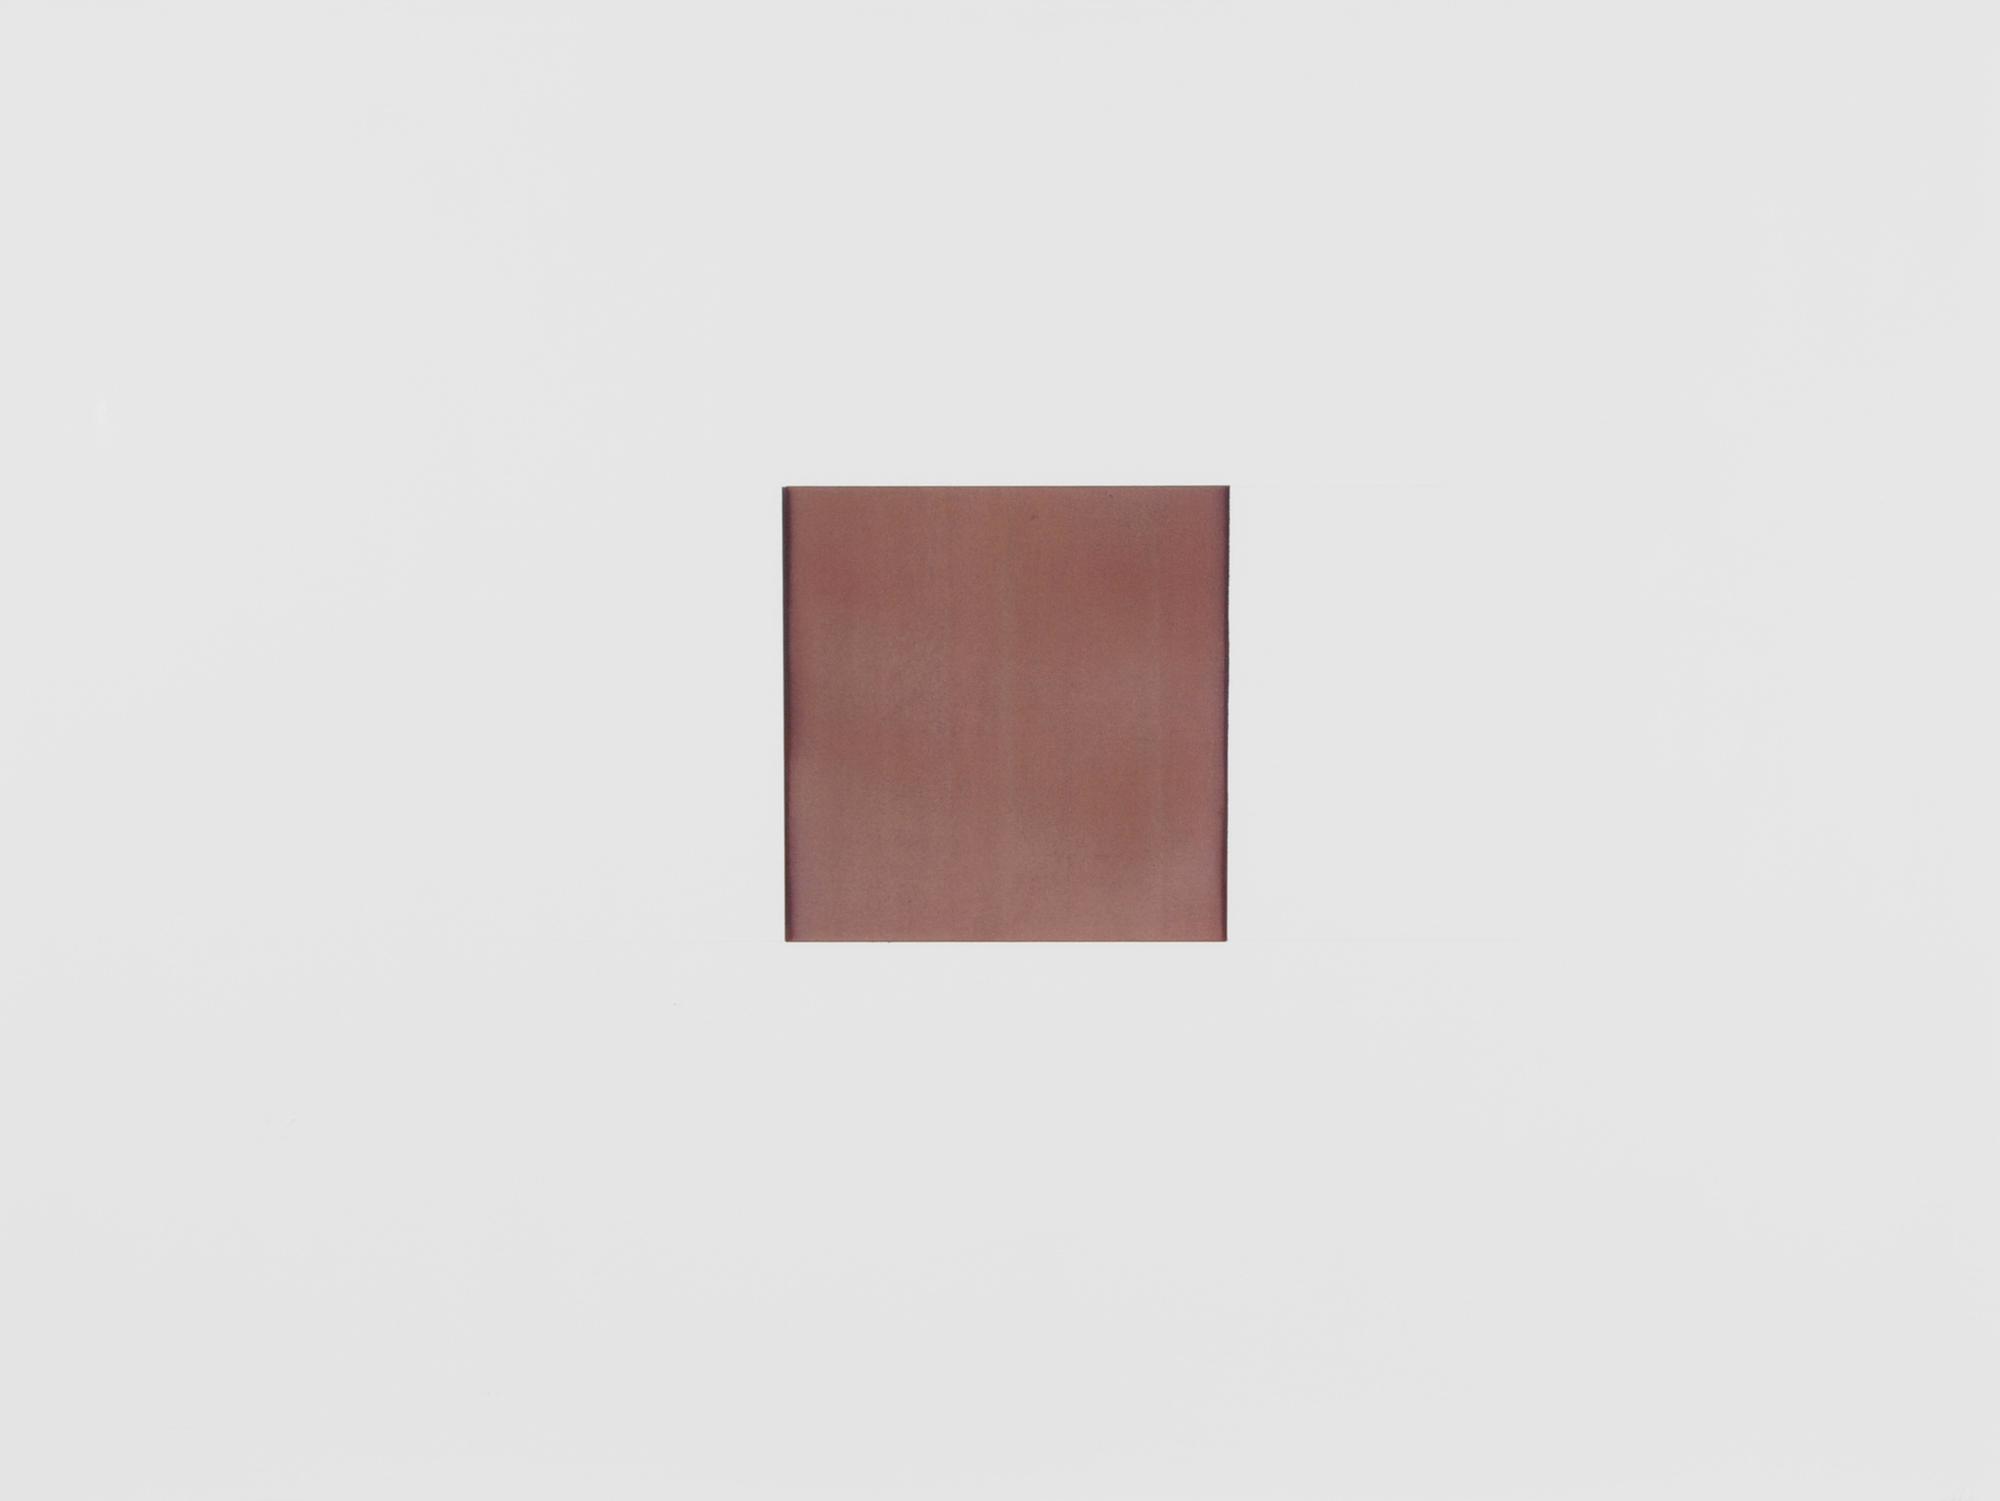 Innes Callum, Untitled (Brown)